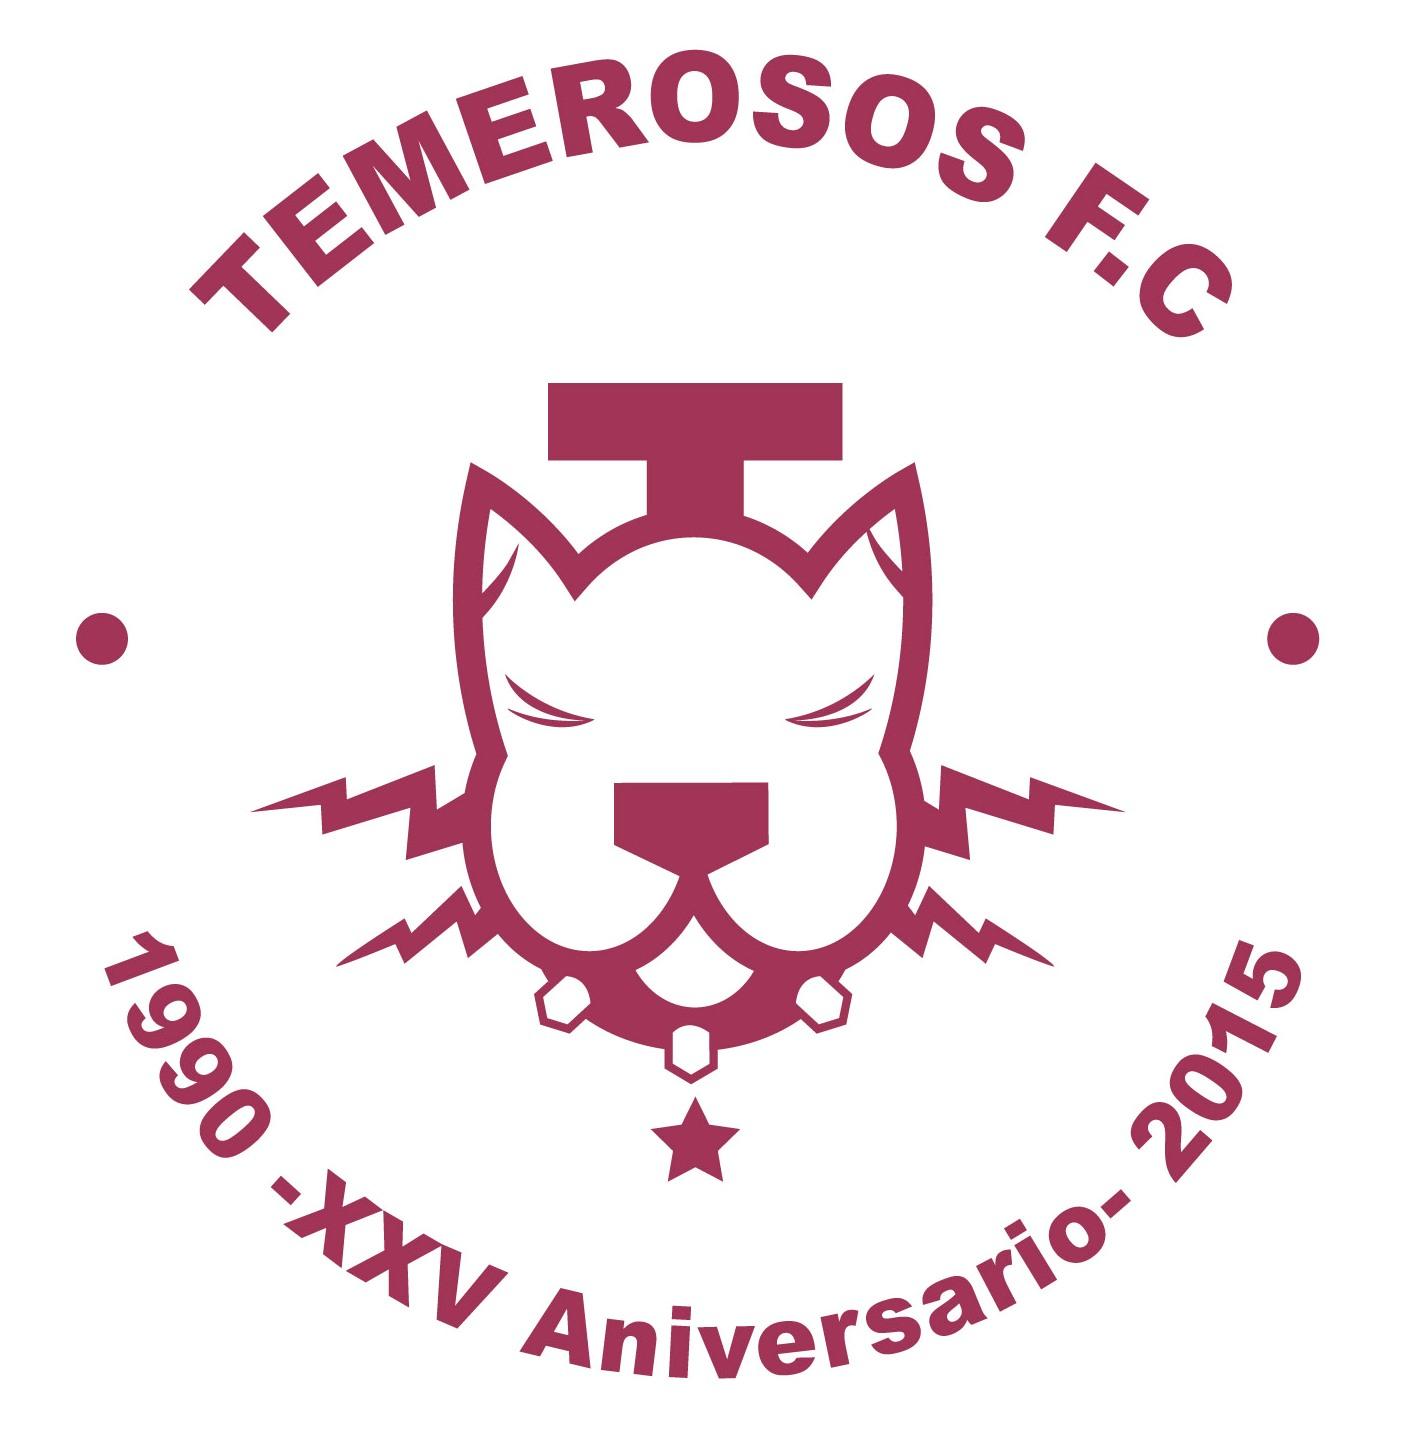 TEMEROSOS FC - 25 AÑOS